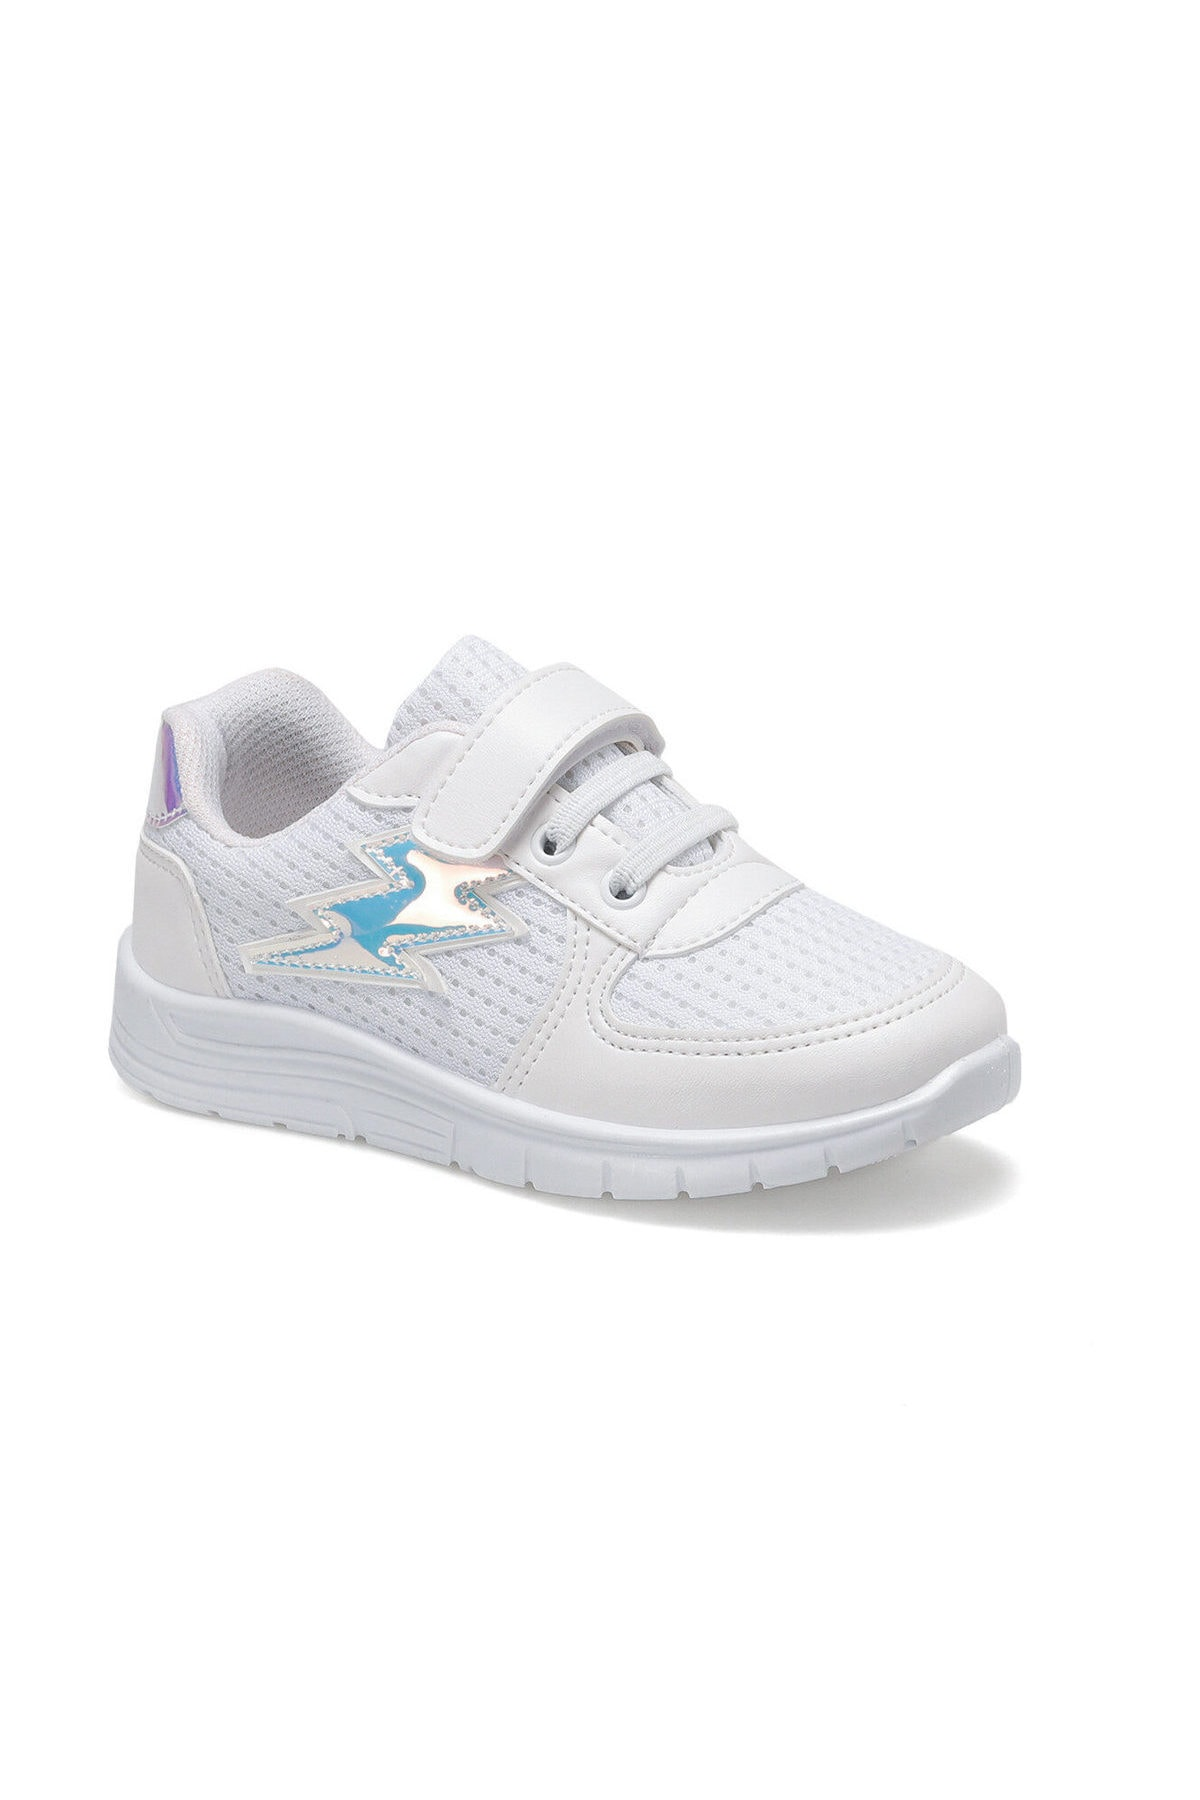 I COOL VANYA Beyaz Kız Çocuk Yürüyüş Ayakkabısı 100515483 1